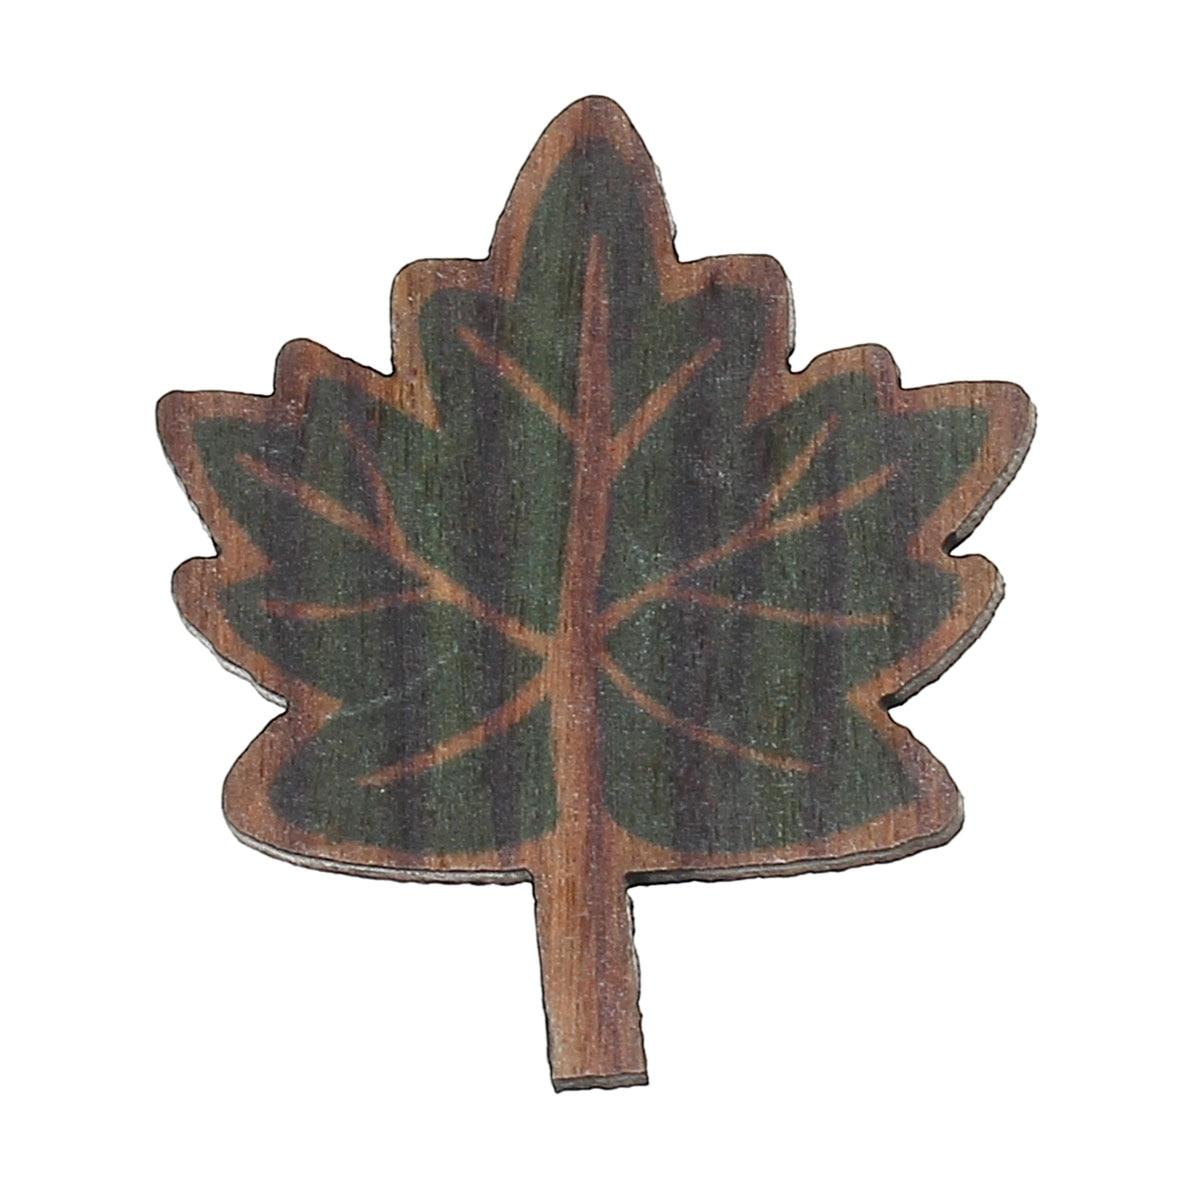 Wood Cabochons Scrapbooking Embellishments Findings Leaf Green 32mm(1 2/8)x 28mm(1 1/8),30 PCs new